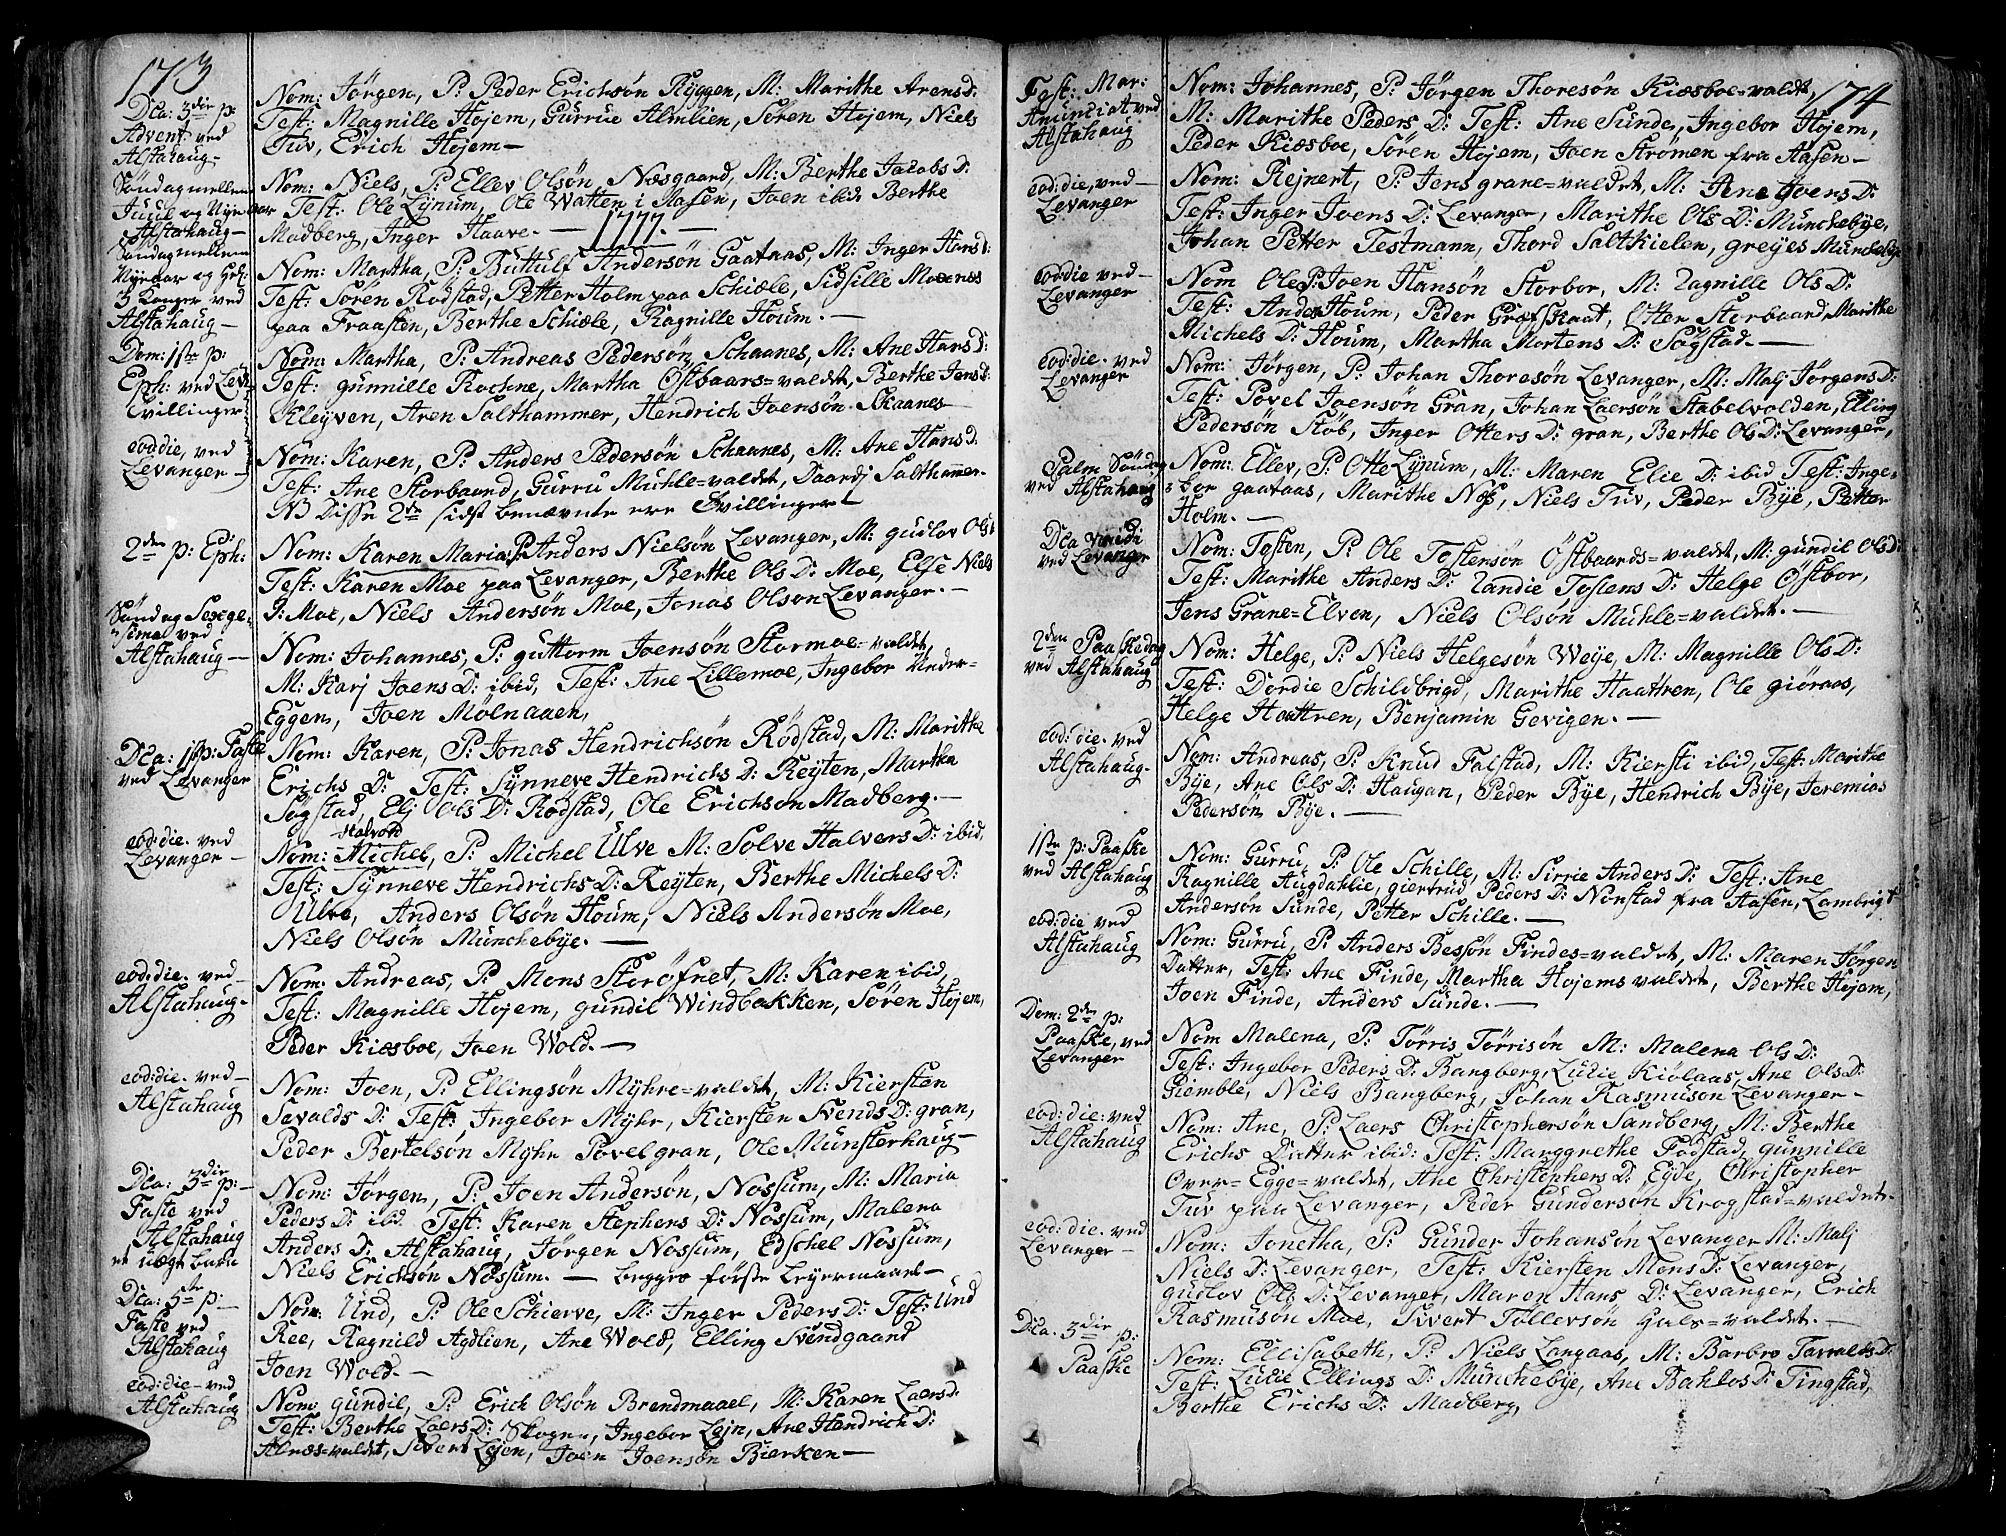 SAT, Ministerialprotokoller, klokkerbøker og fødselsregistre - Nord-Trøndelag, 717/L0141: Ministerialbok nr. 717A01, 1747-1803, s. 173-174